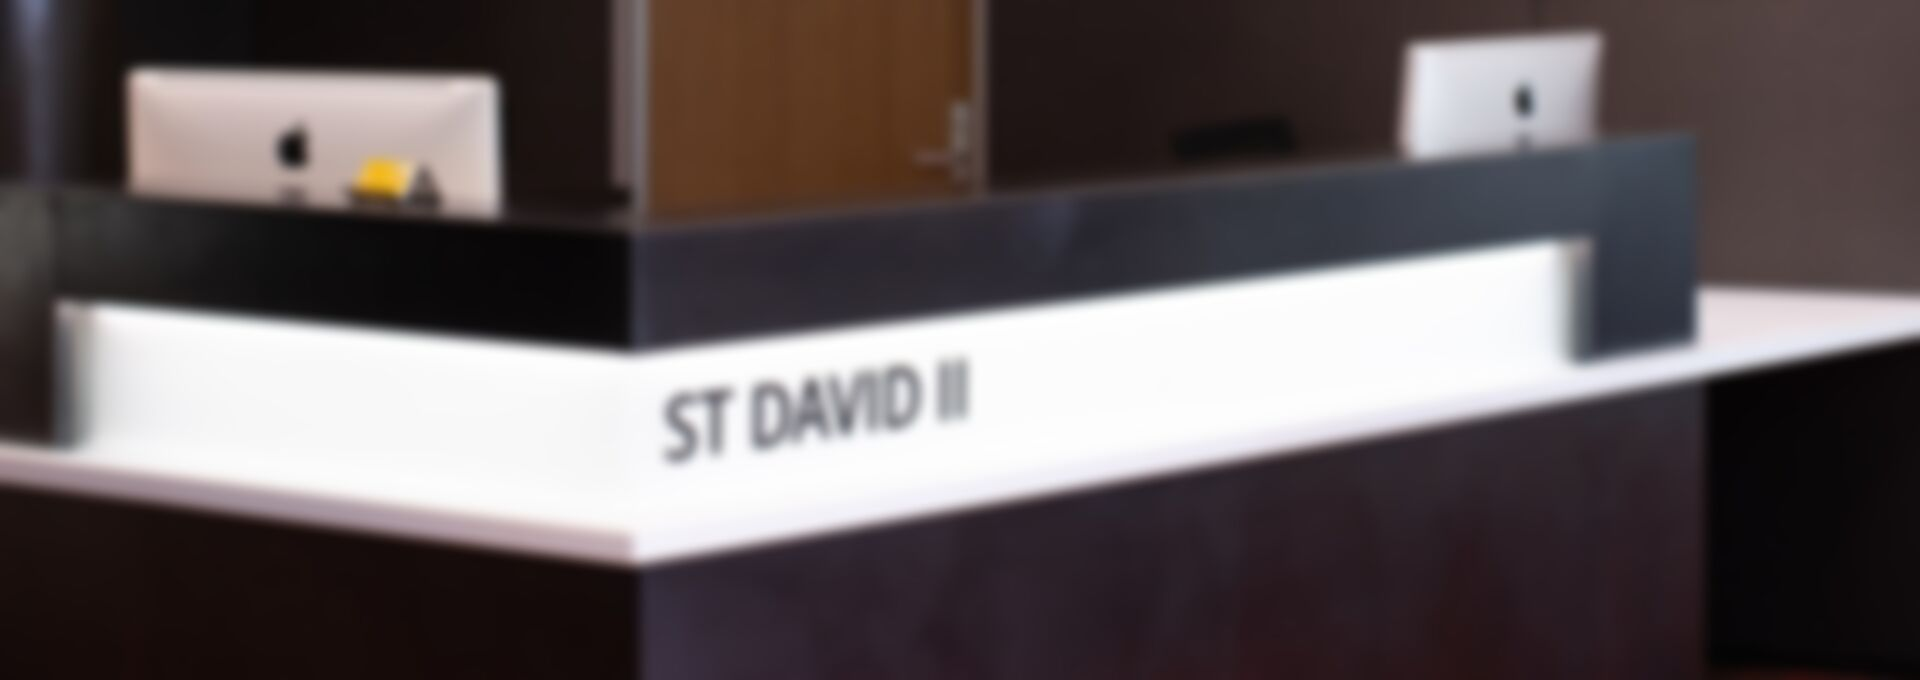 projects st david II otago